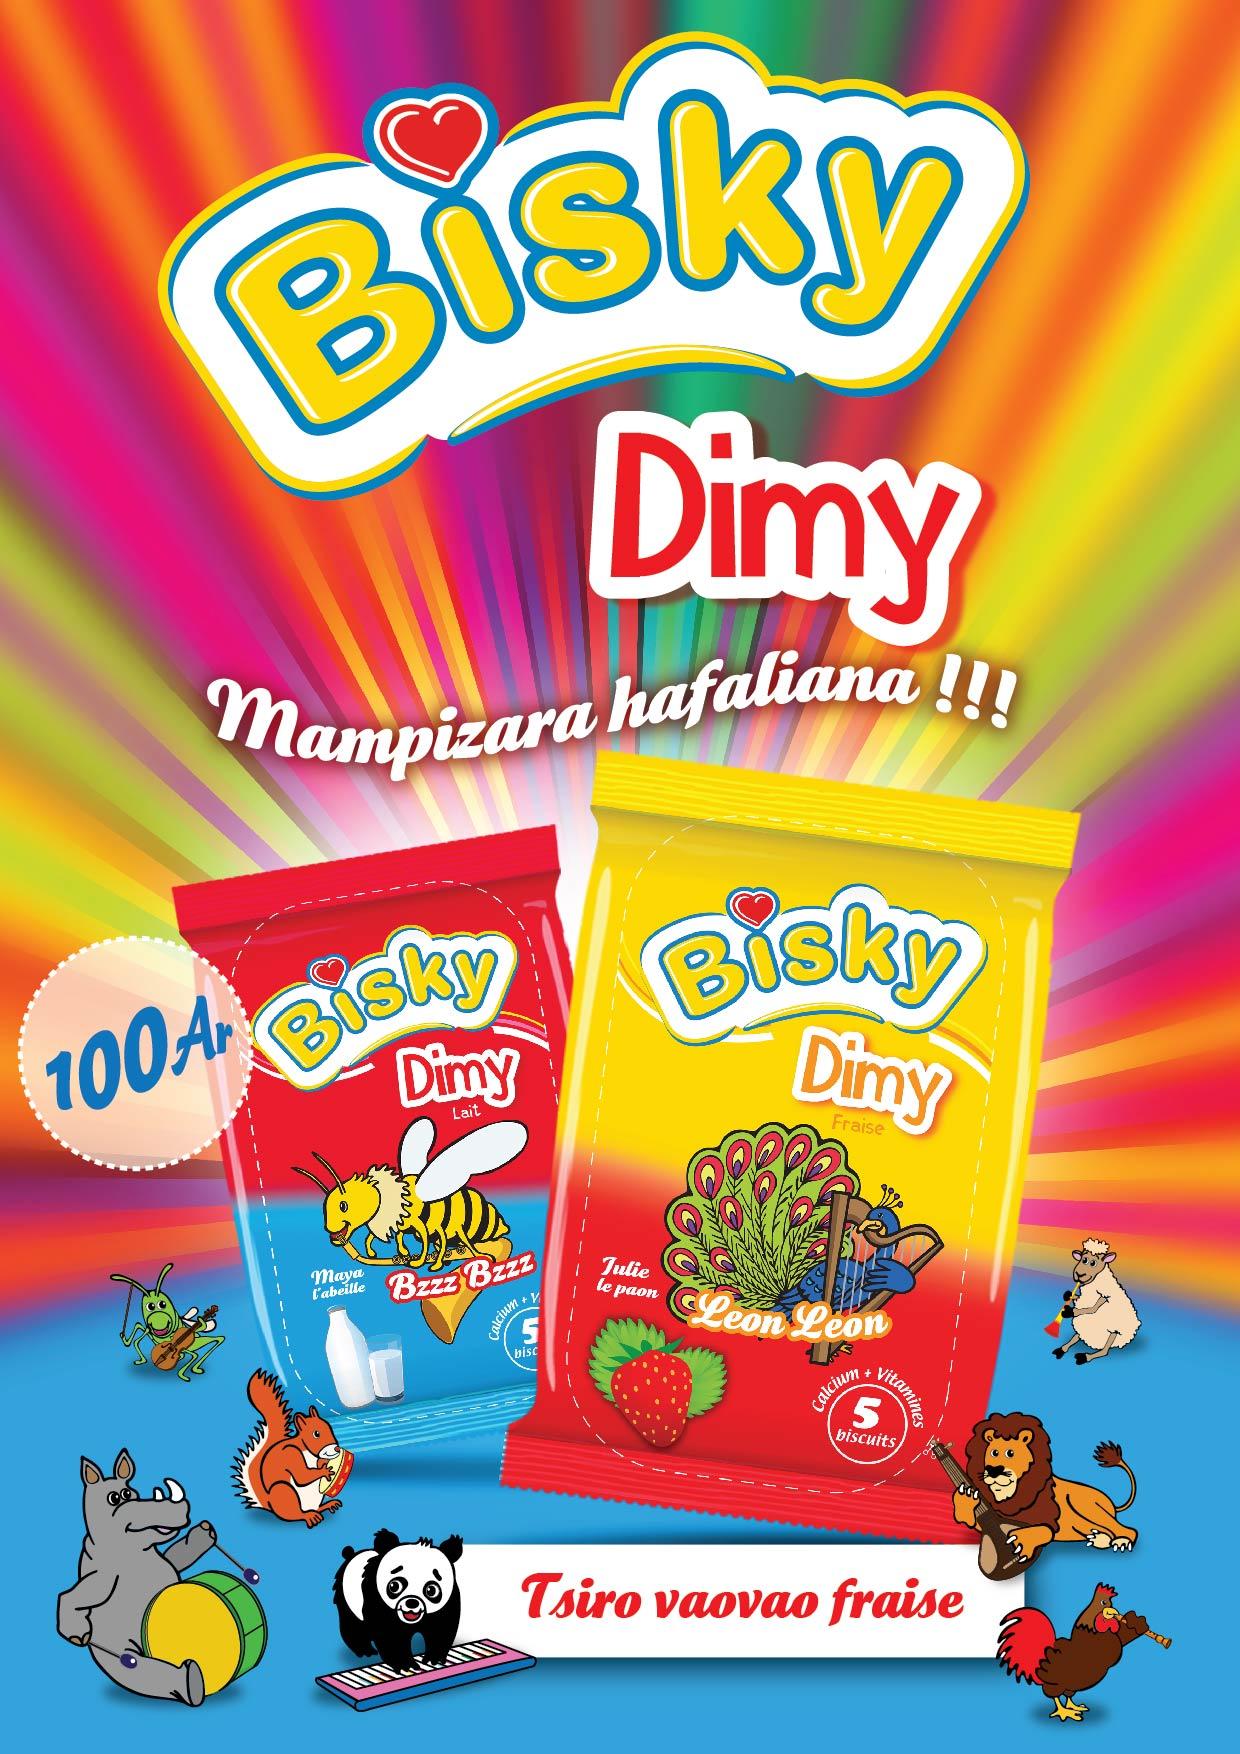 Bisky-Affiche Dimy